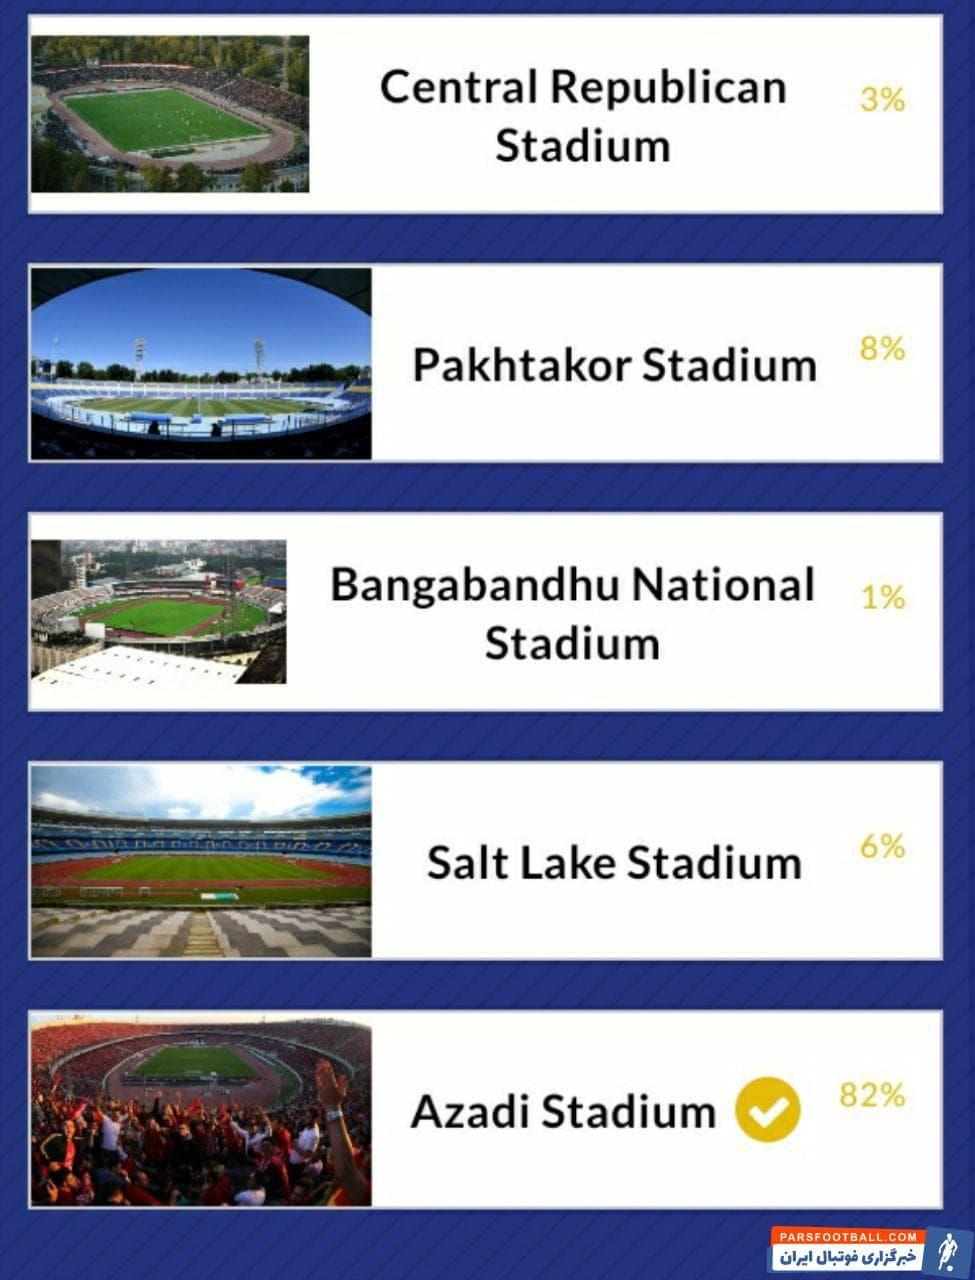 ورزشگاه آزادی نامزد عنوان بهترین ورزشگاه آسیا از نگاه AFC